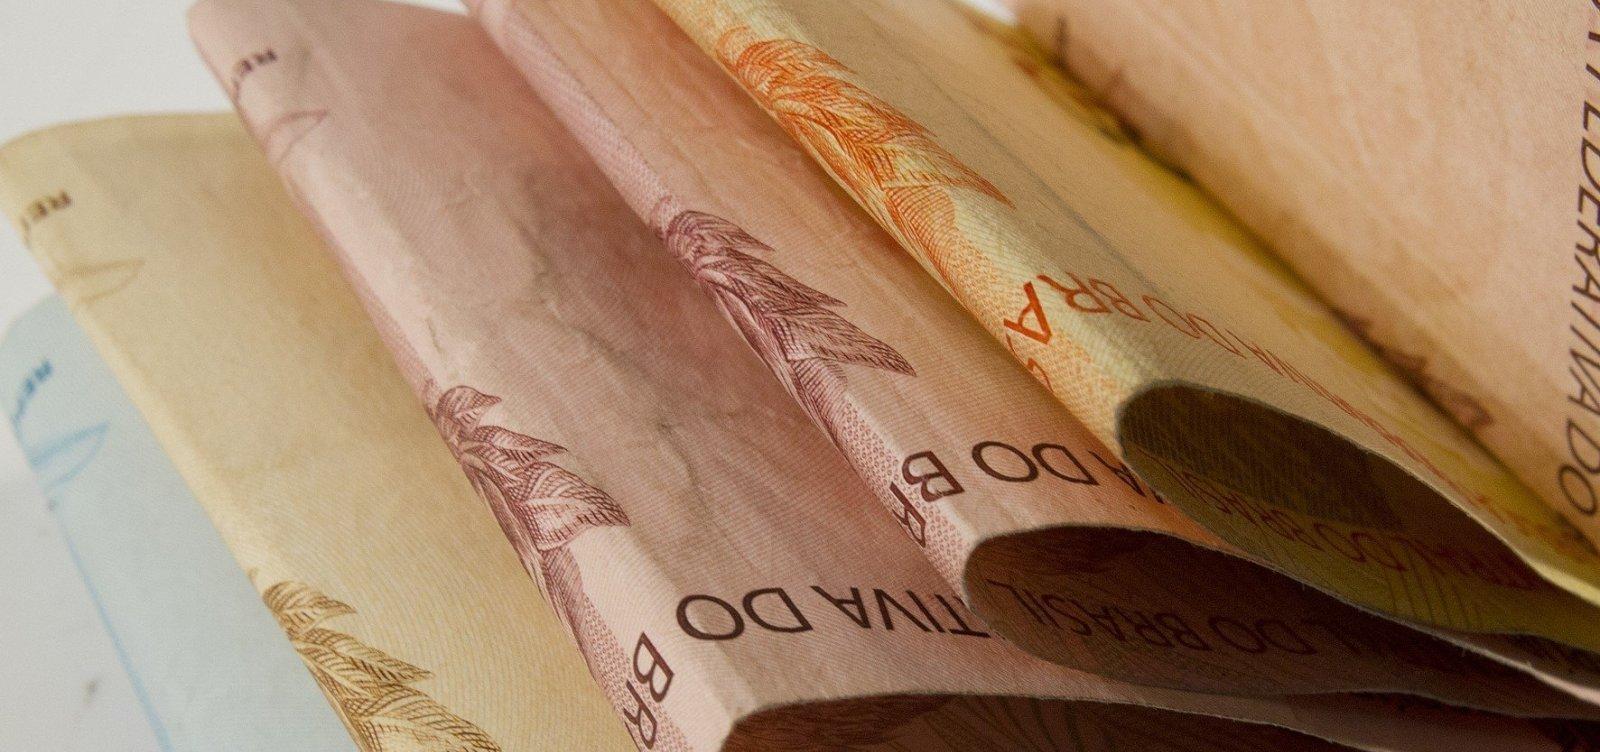 Governo antecipa pagamento de 13º salário de aposentados